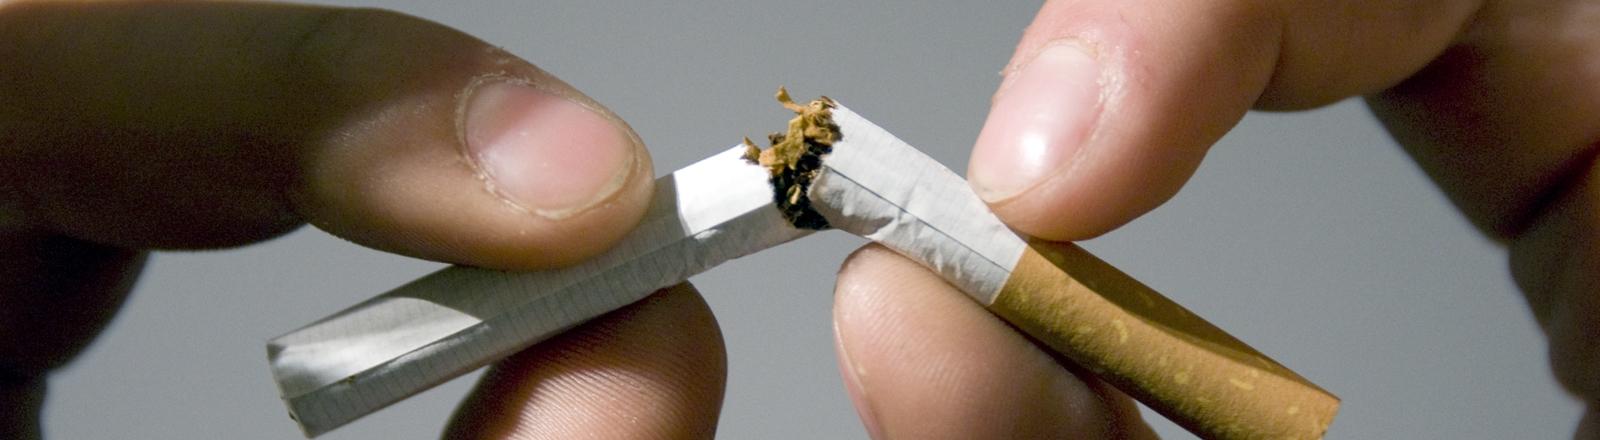 zwei Hände zerbrechen eine Zigarette